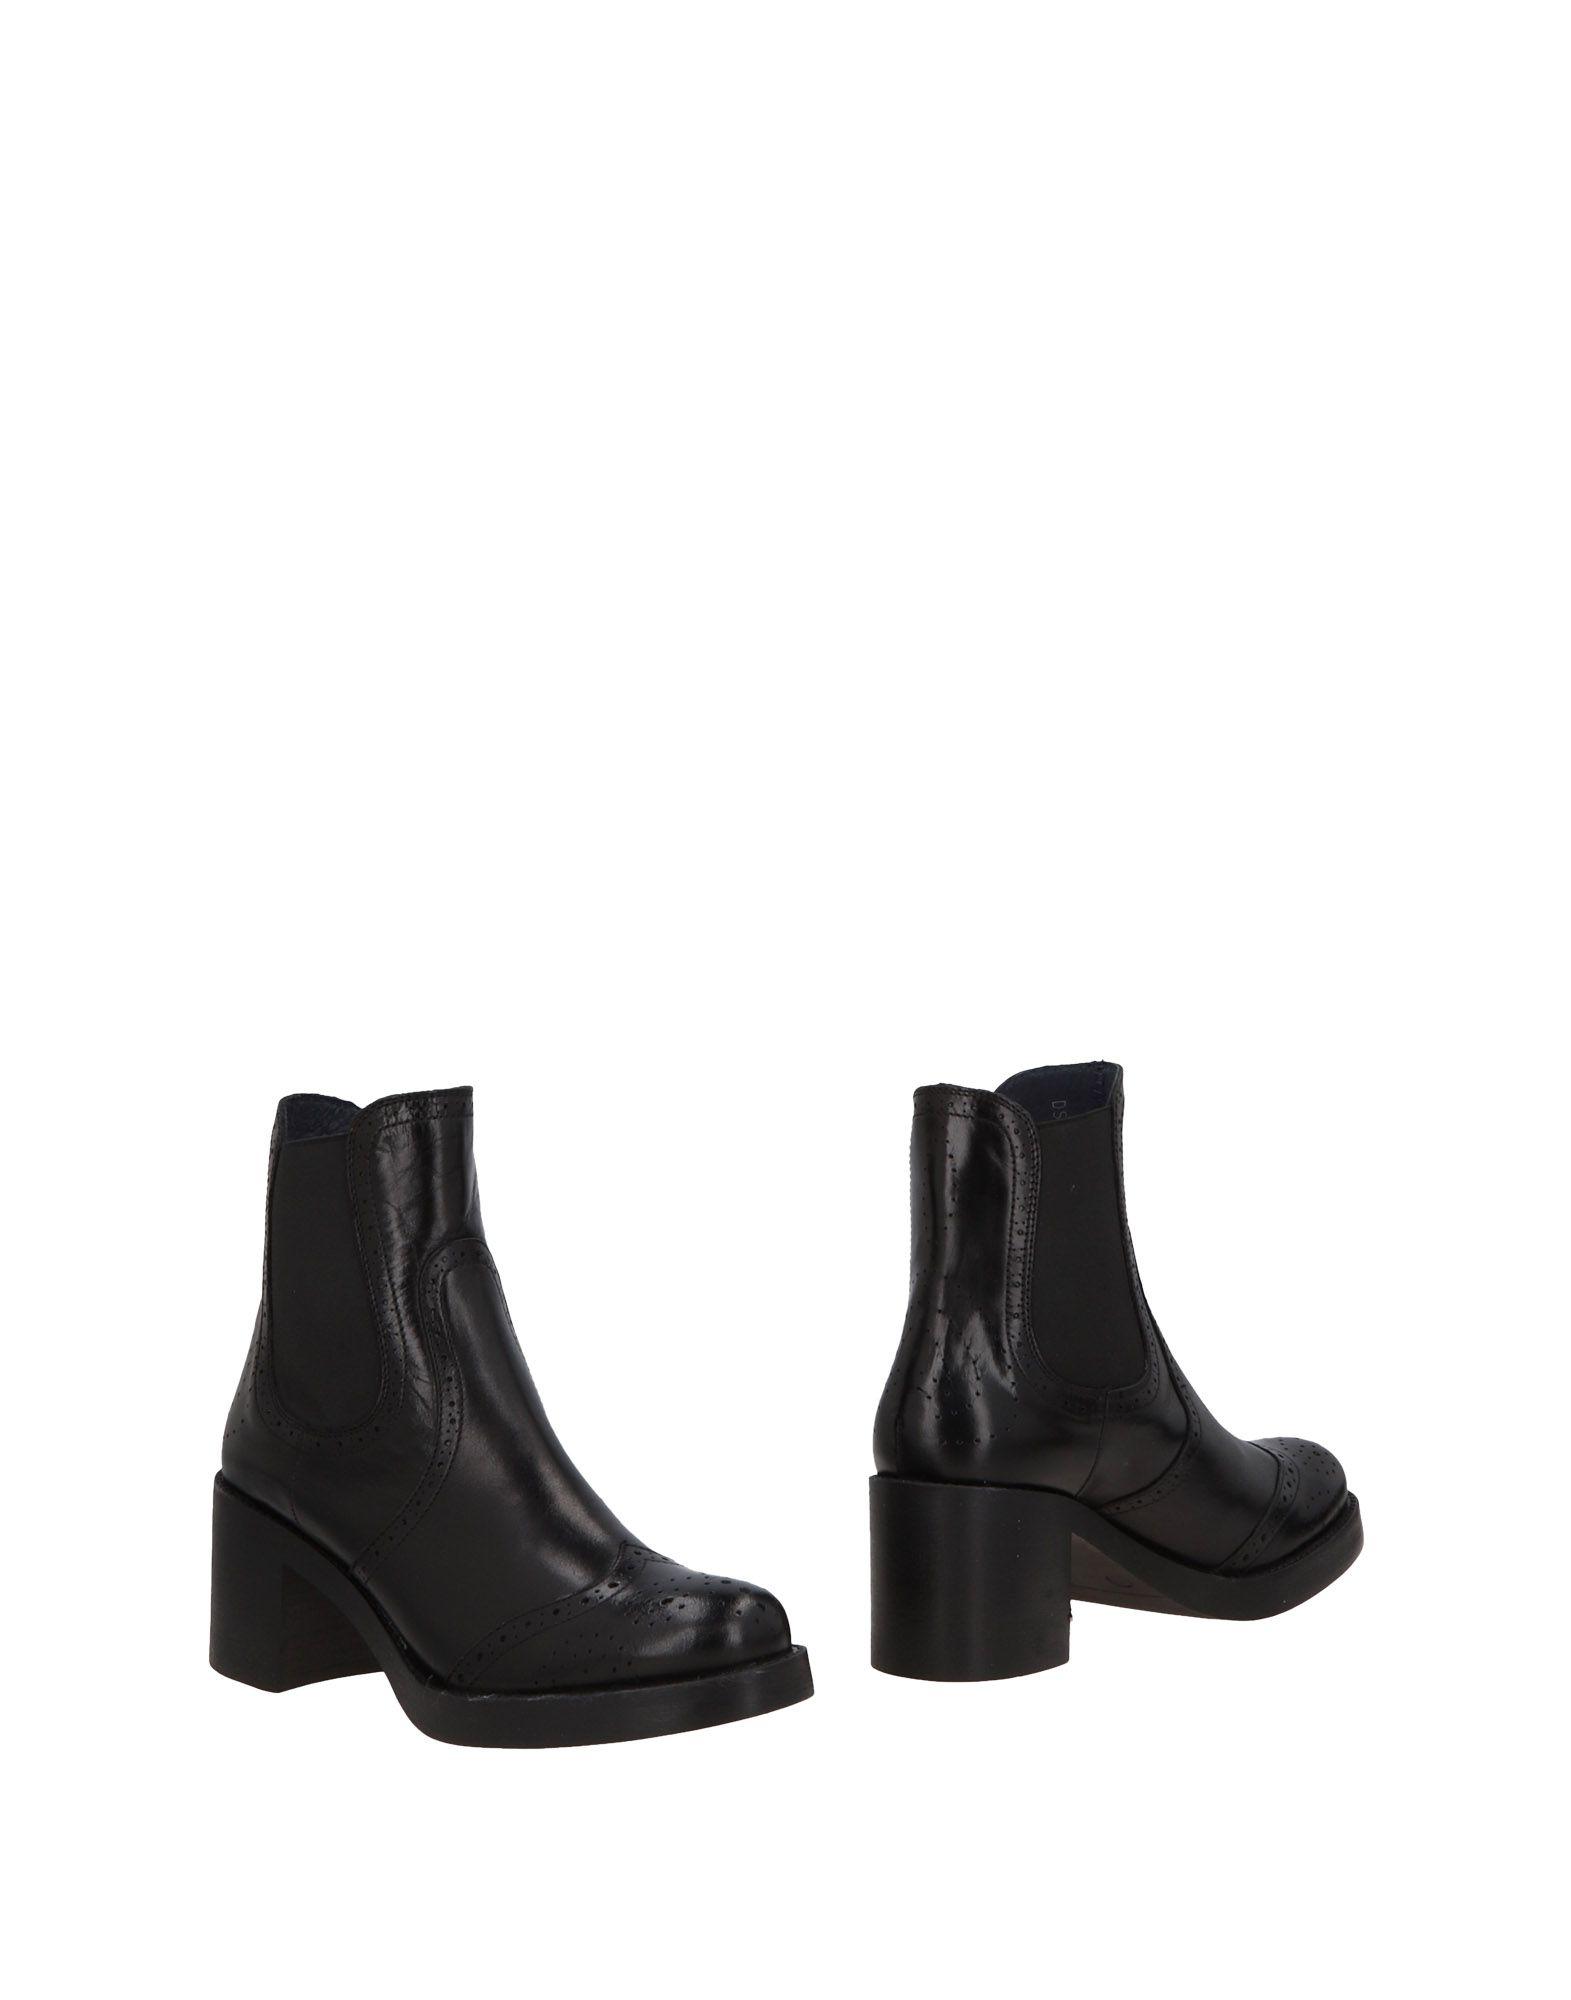 Docksteps Chelsea Boots Gute Damen  11475155LQ Gute Boots Qualität beliebte Schuhe 8e0a87